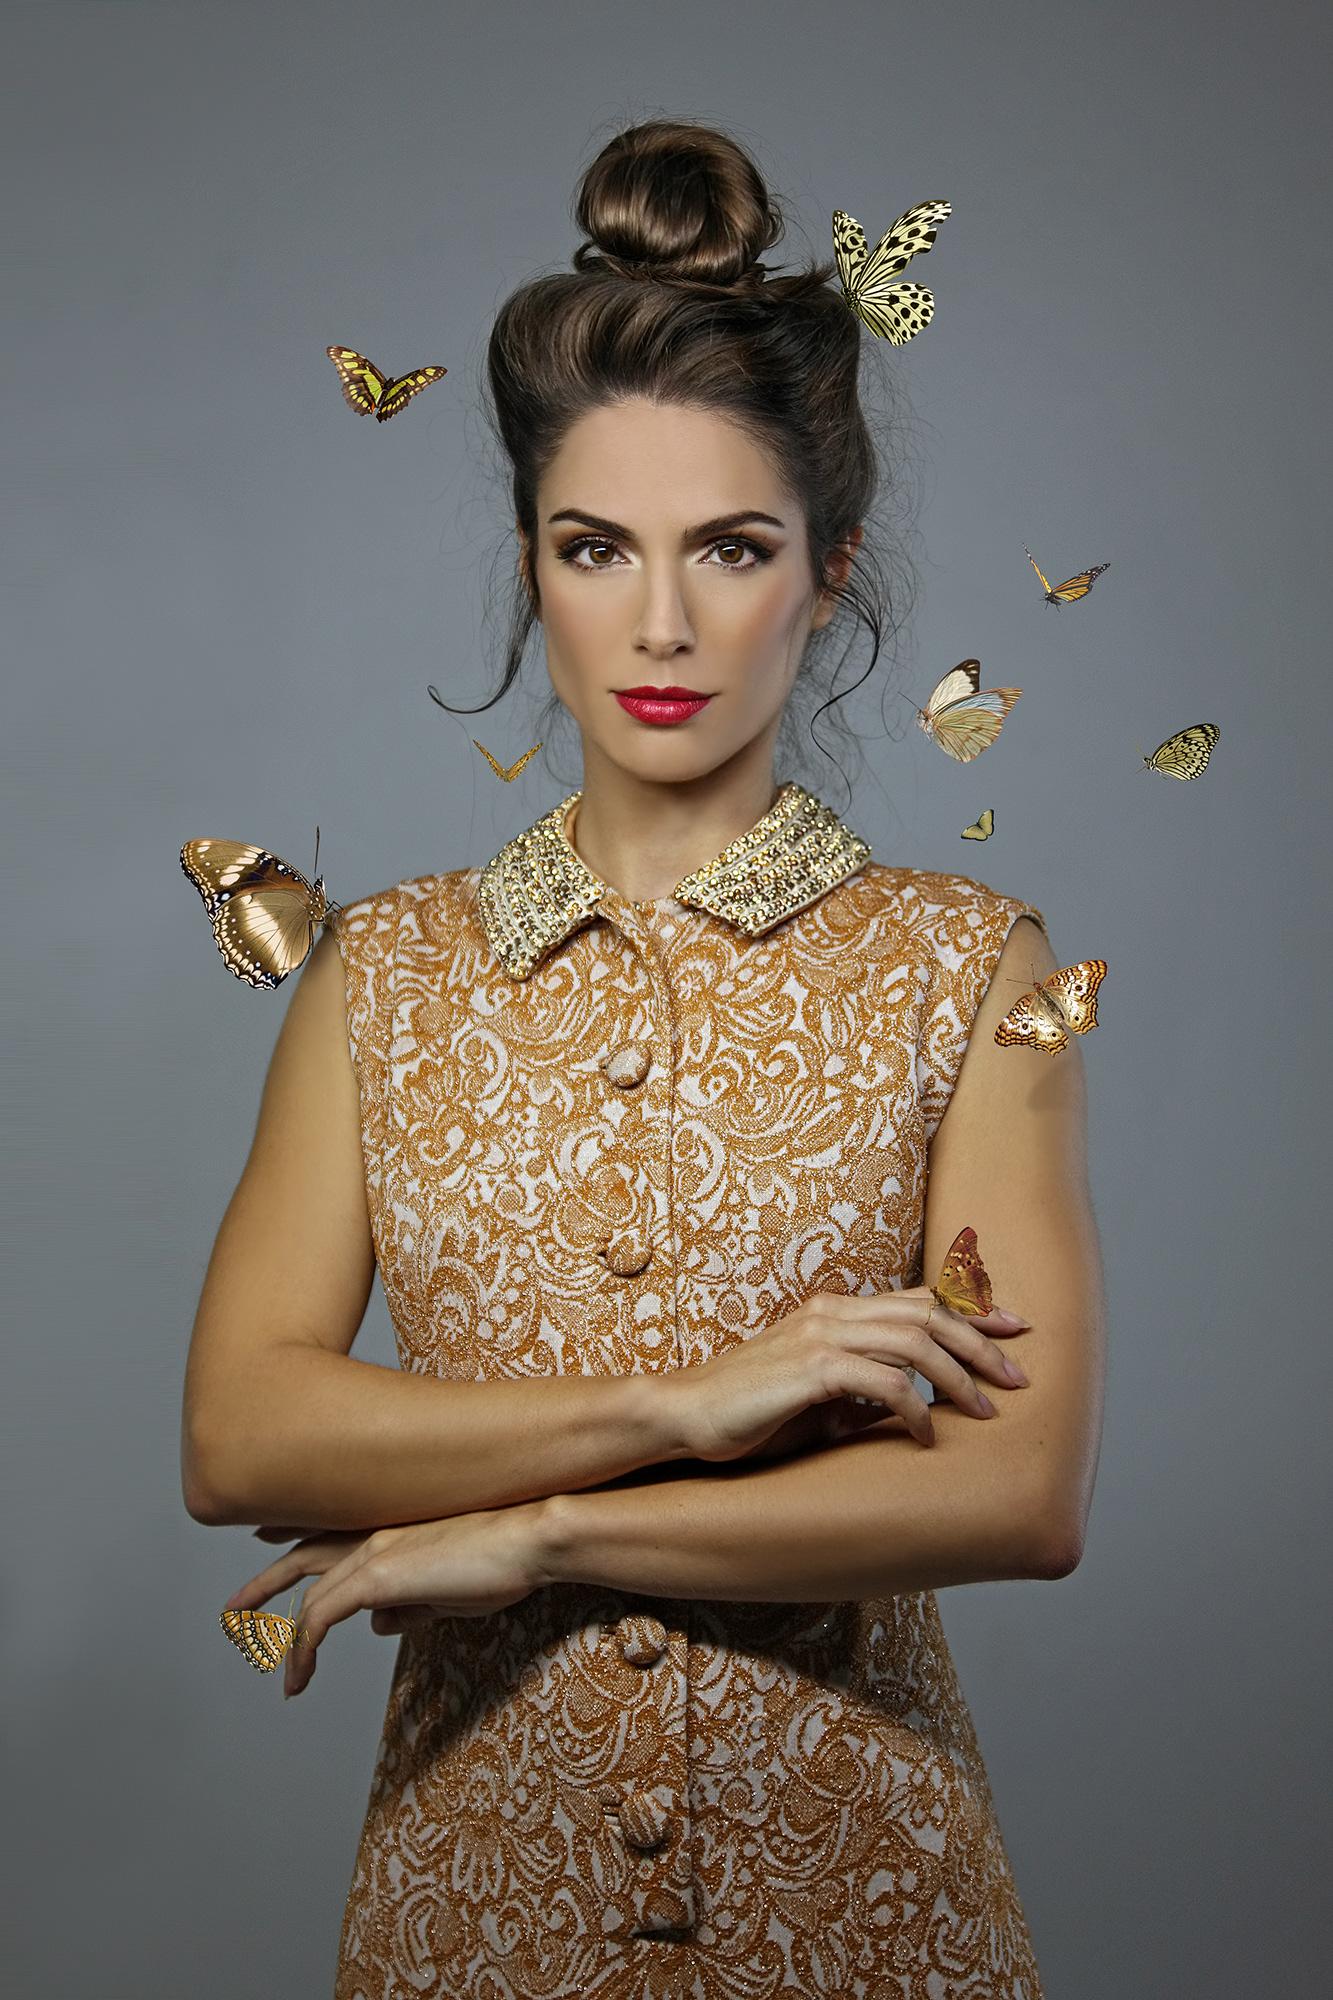 Lady Butterfly / фото DDiArte DDiArte